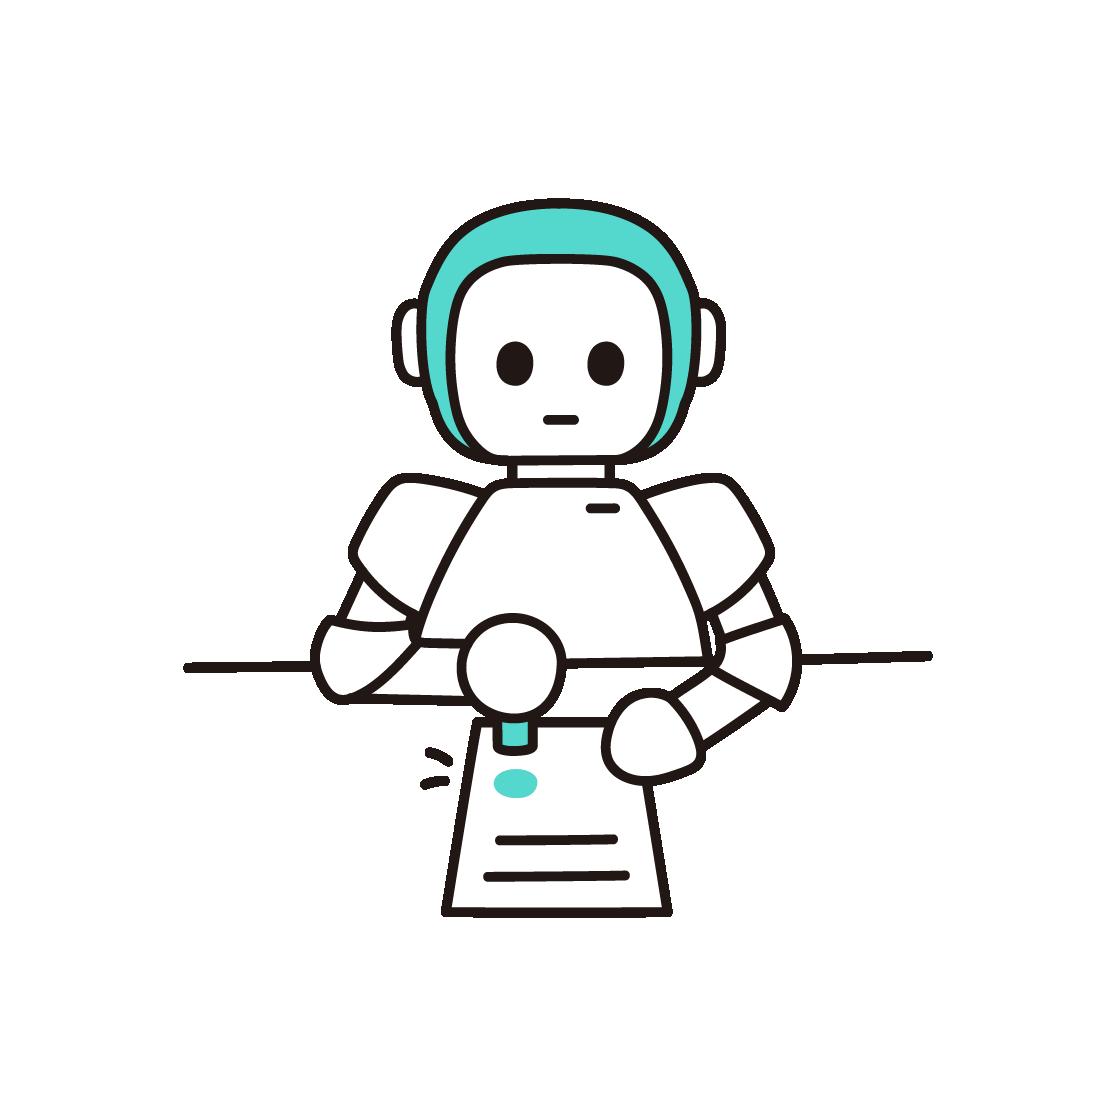 ハンコ押印ロボットの単色イラスト